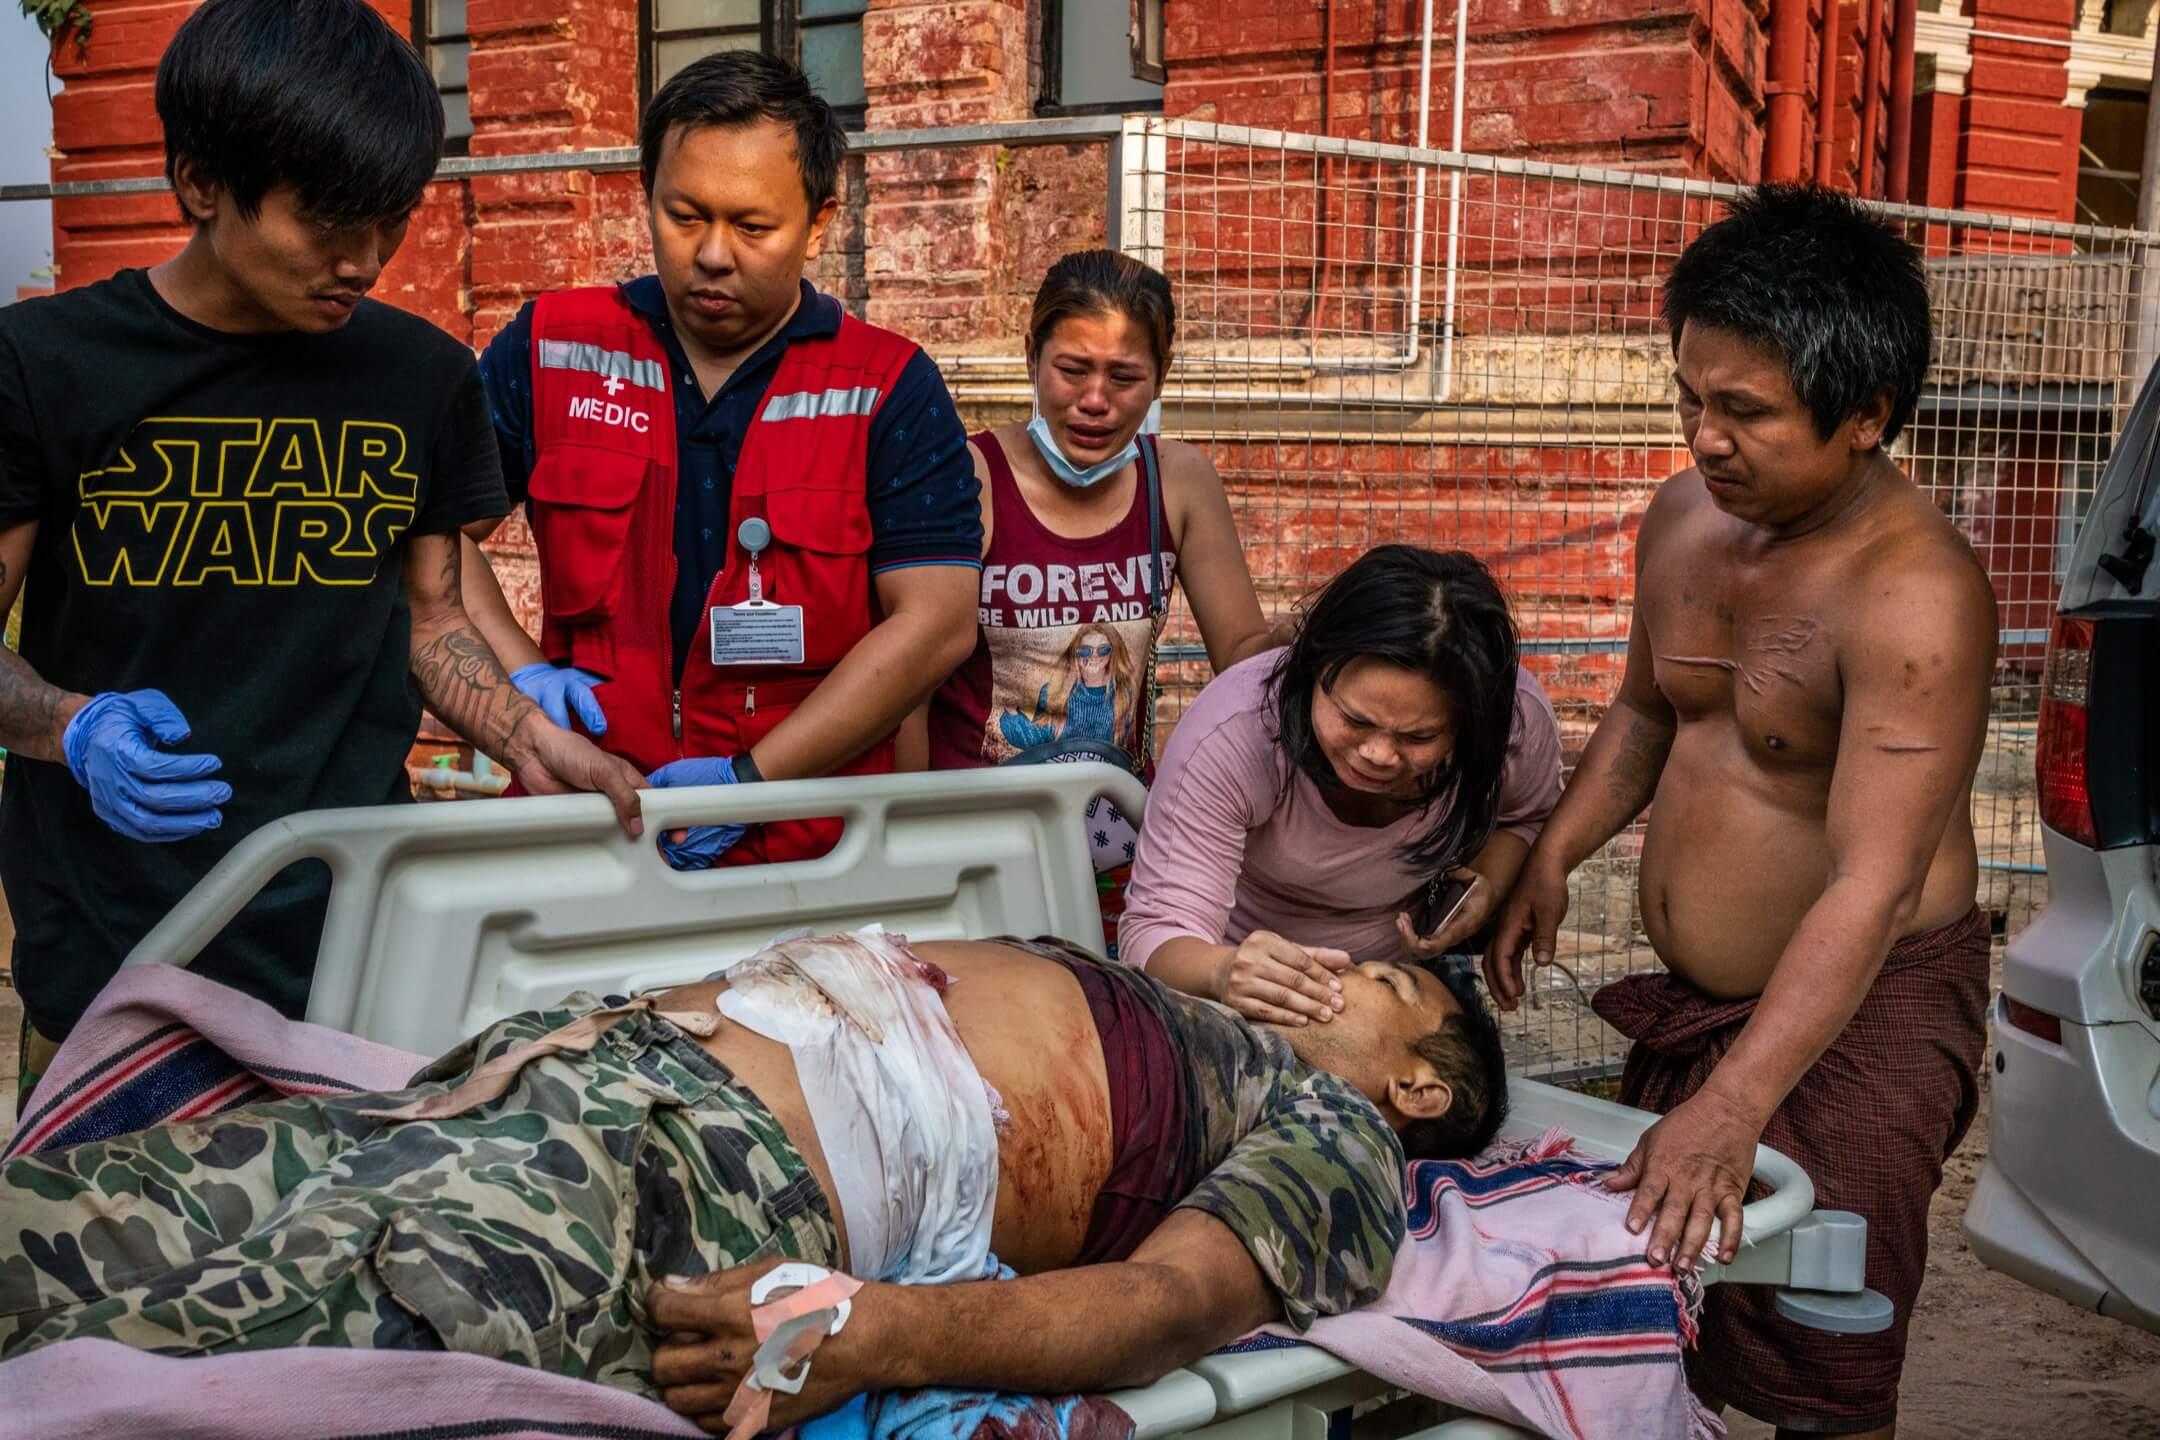 2021年3月27日,緬甸仰光,一名示威者被安全部隊擊斃,家屬在旁痛哭。 攝:Stringer/Getty Images